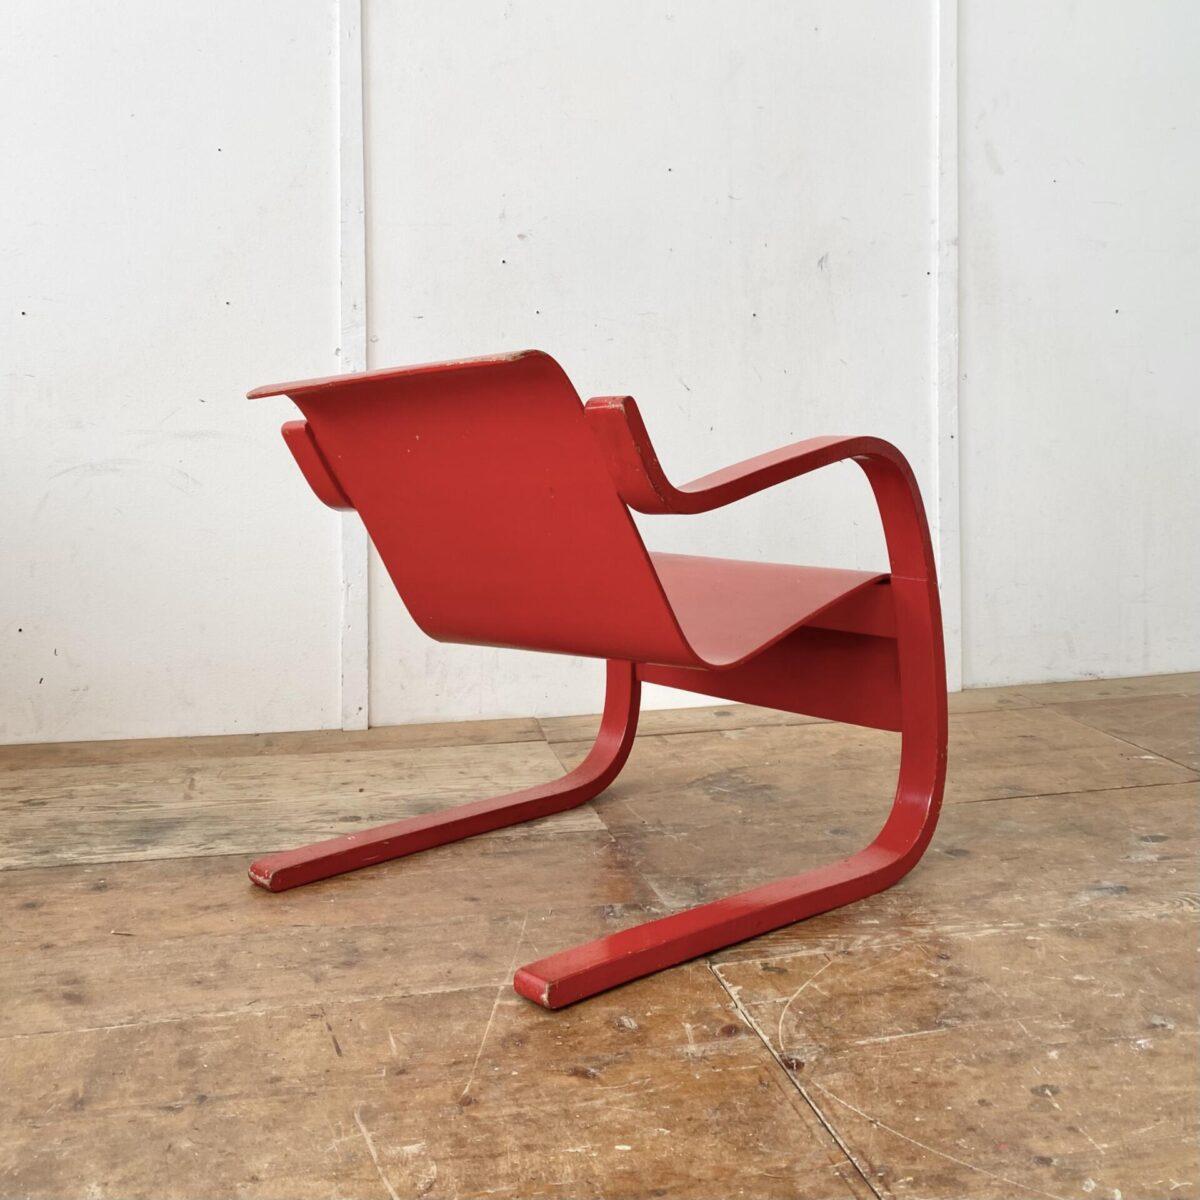 Deuxieme.shop Alvar Aalto Freischwinger Sessel. Modell 31 Birke Formsperrholz. Der Sessel ist etwas asymmetrisch (verzogen) was bei älteren Modellen öfters so ist. Im Bild 4 gut zu sehen. Die rote Farbe ist etwas abgewetzt, und mehrere Farbabplatzer an diversen Stellen.